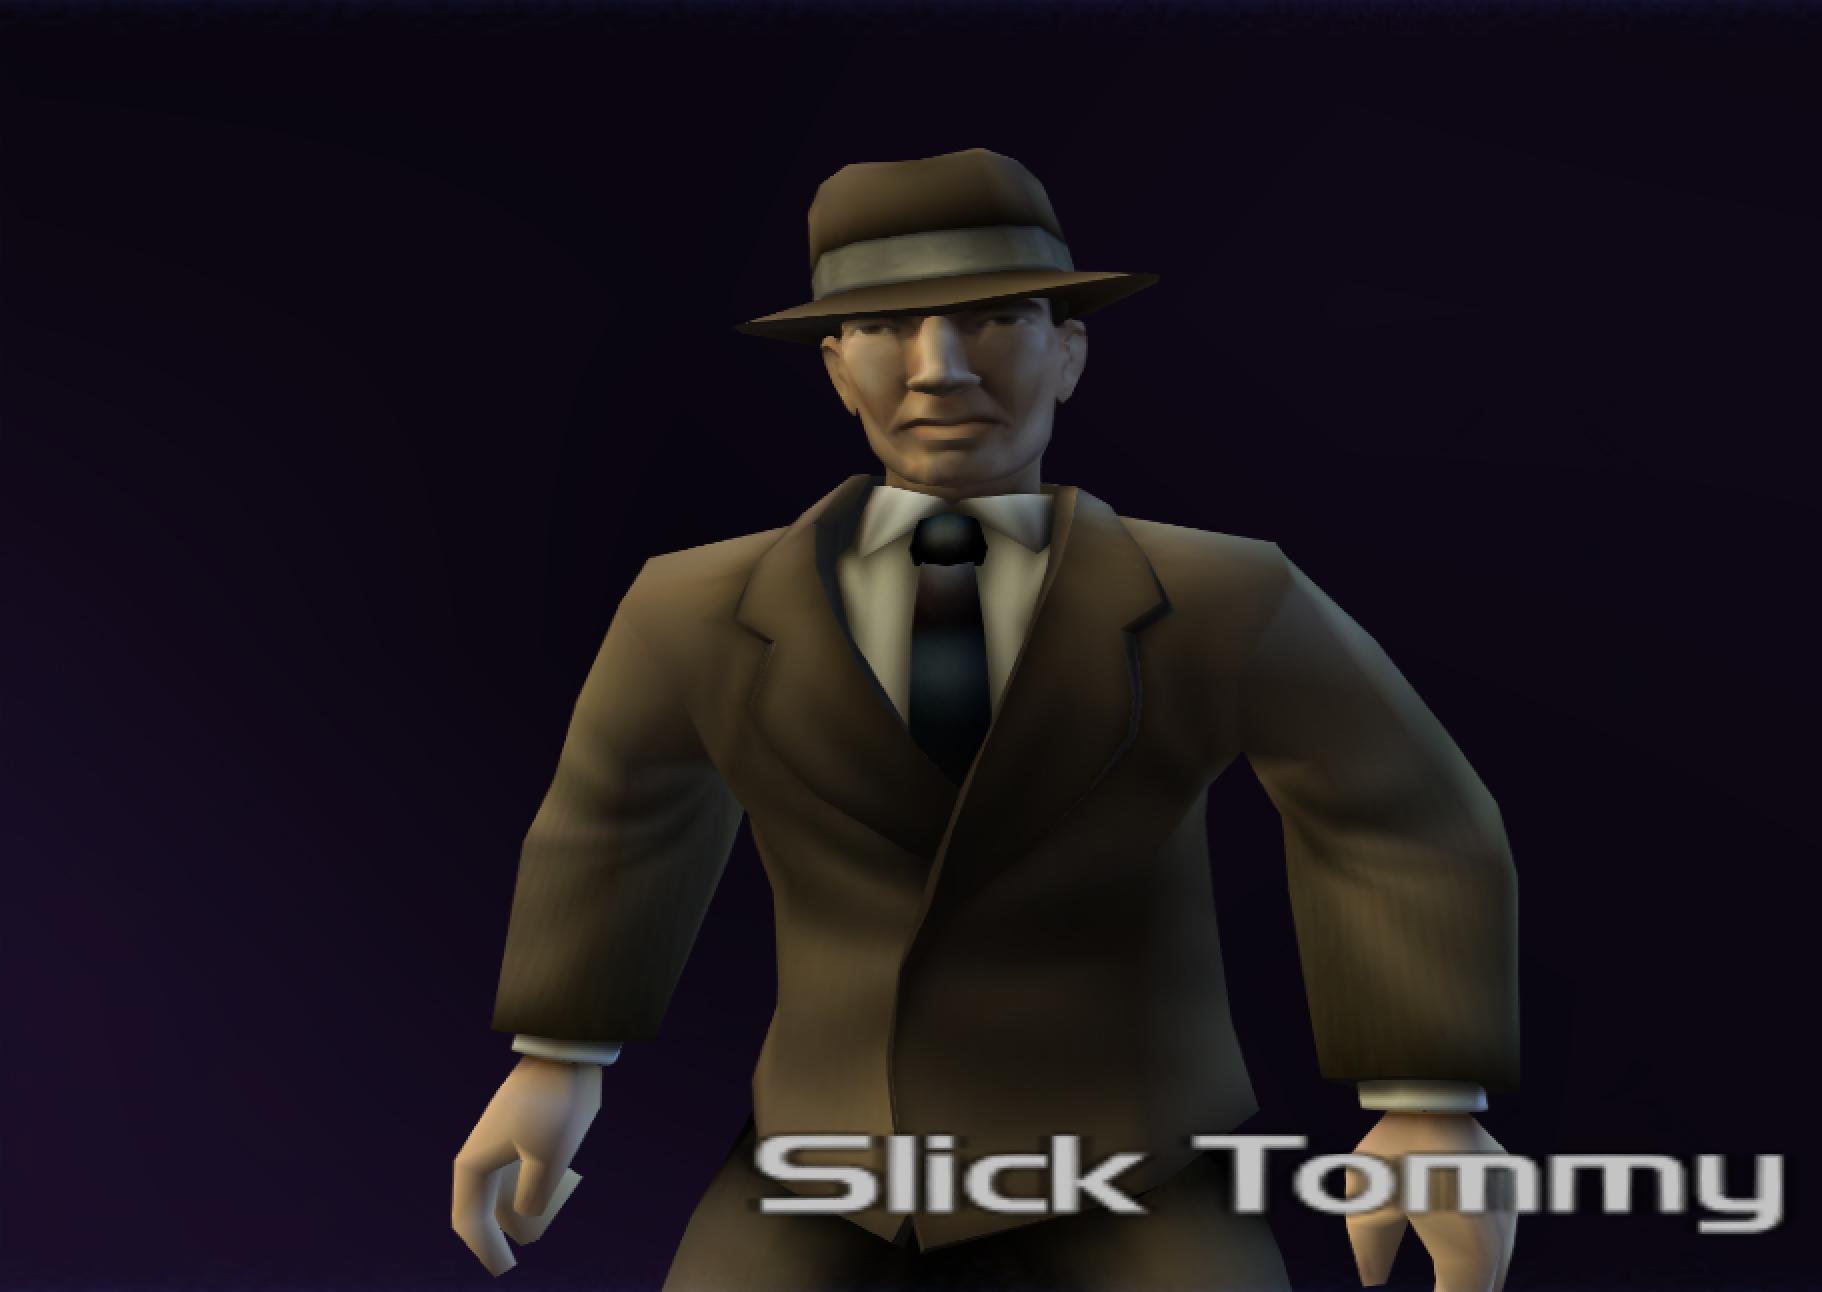 Slick Tommy